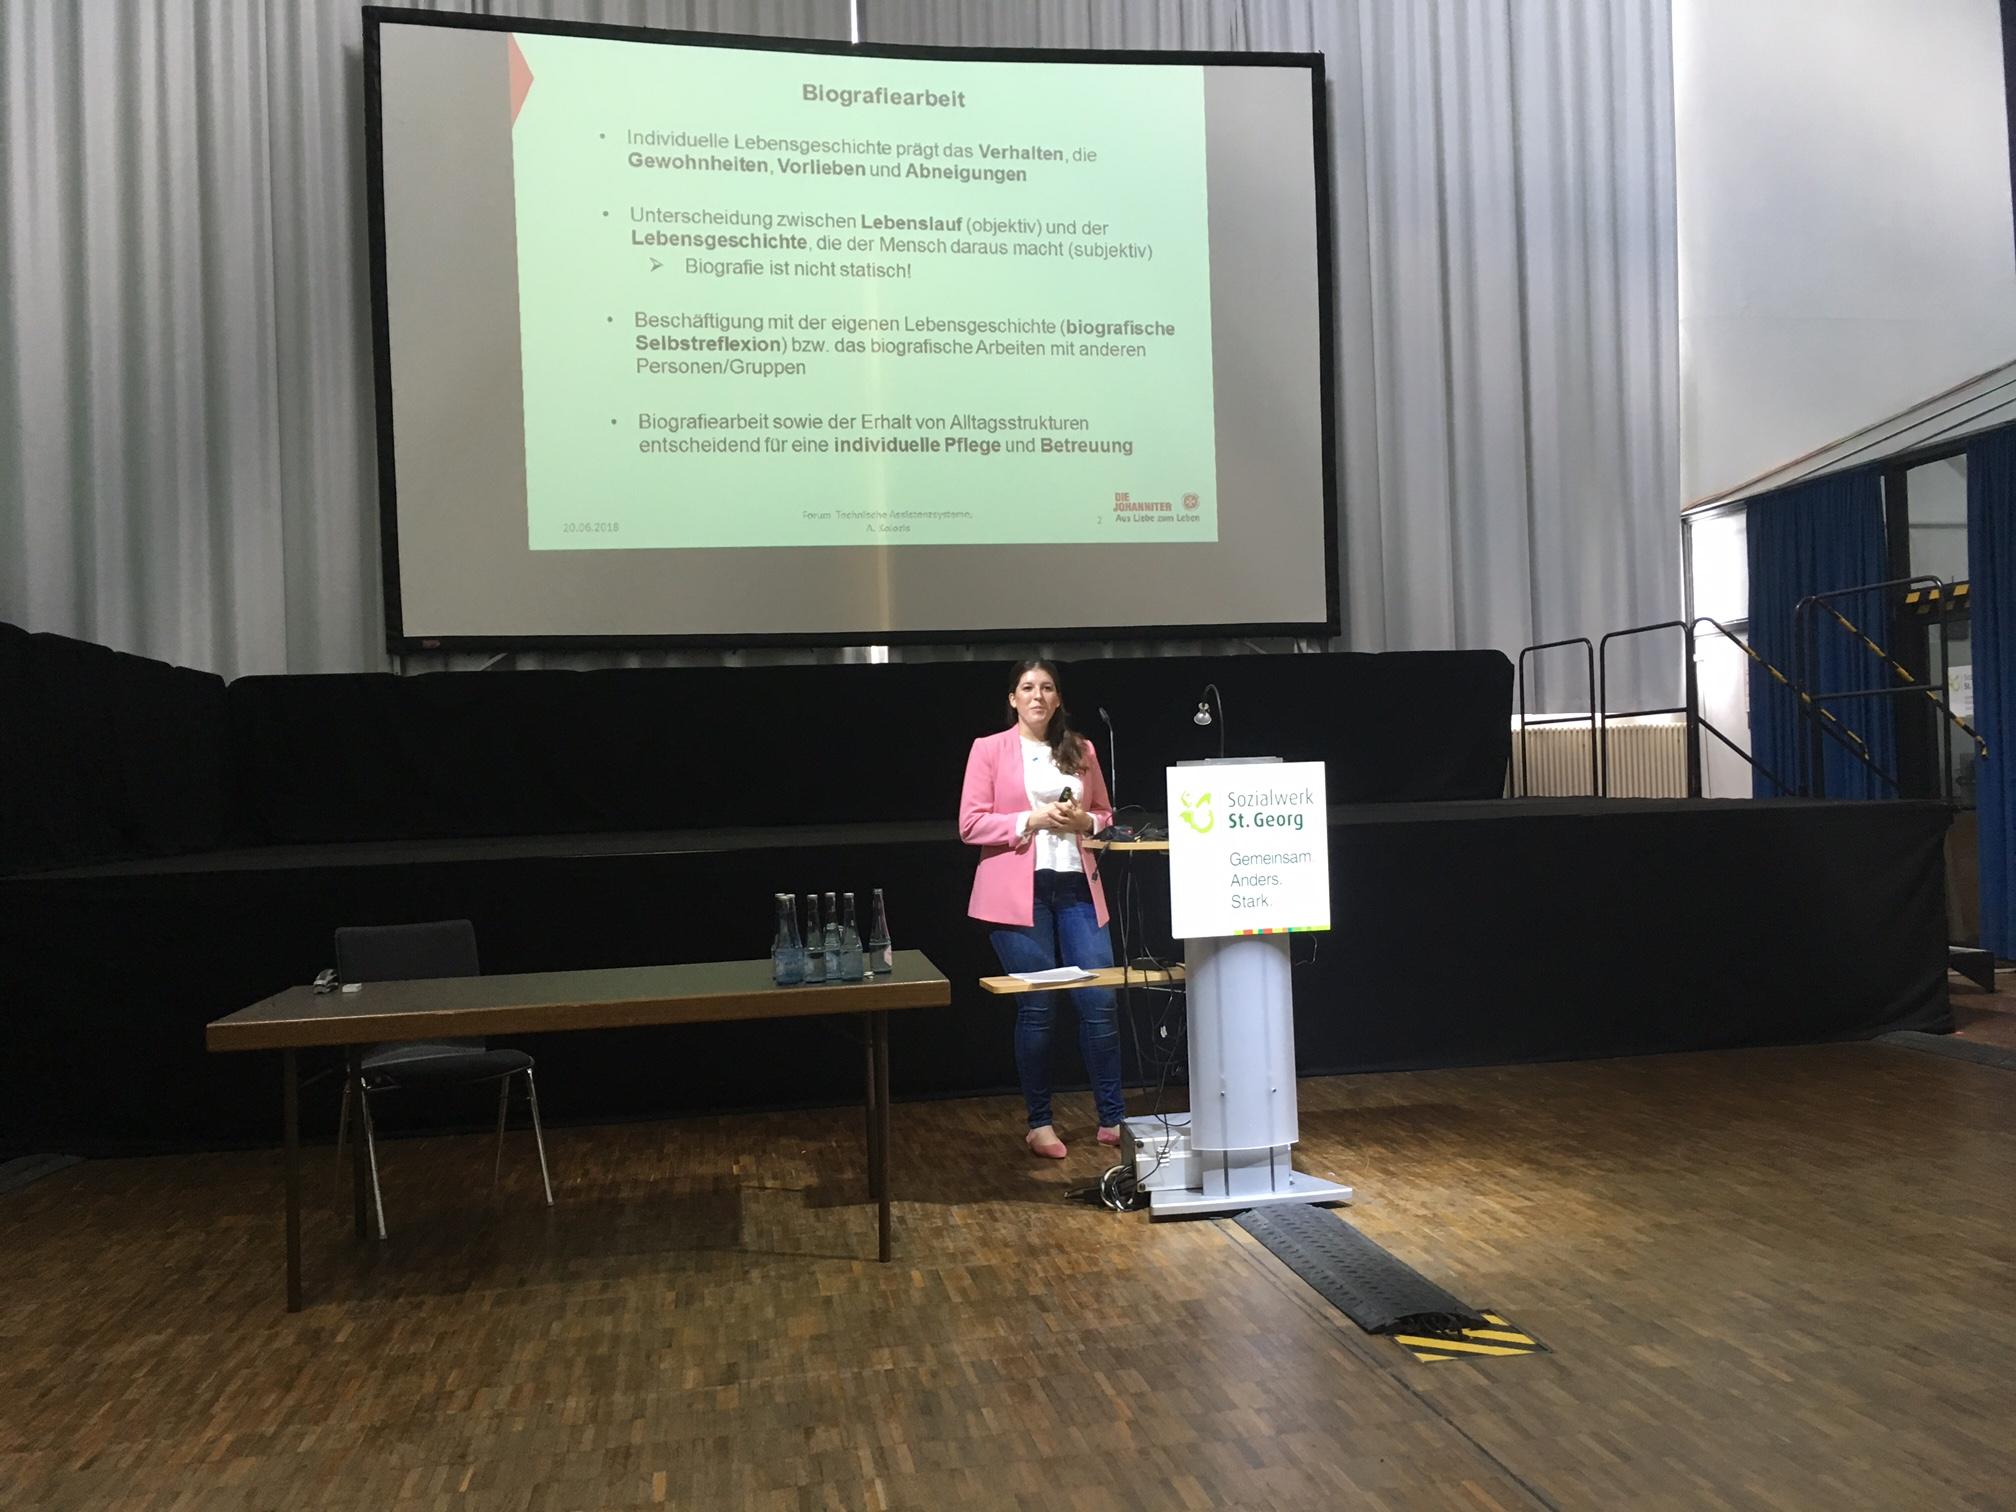 """PERLEN-Präsentation auf FINSOZ-Forum zum Thema """"Technische Assistenzsysteme"""" am 20.06.2018 in Gelsenkirchen"""